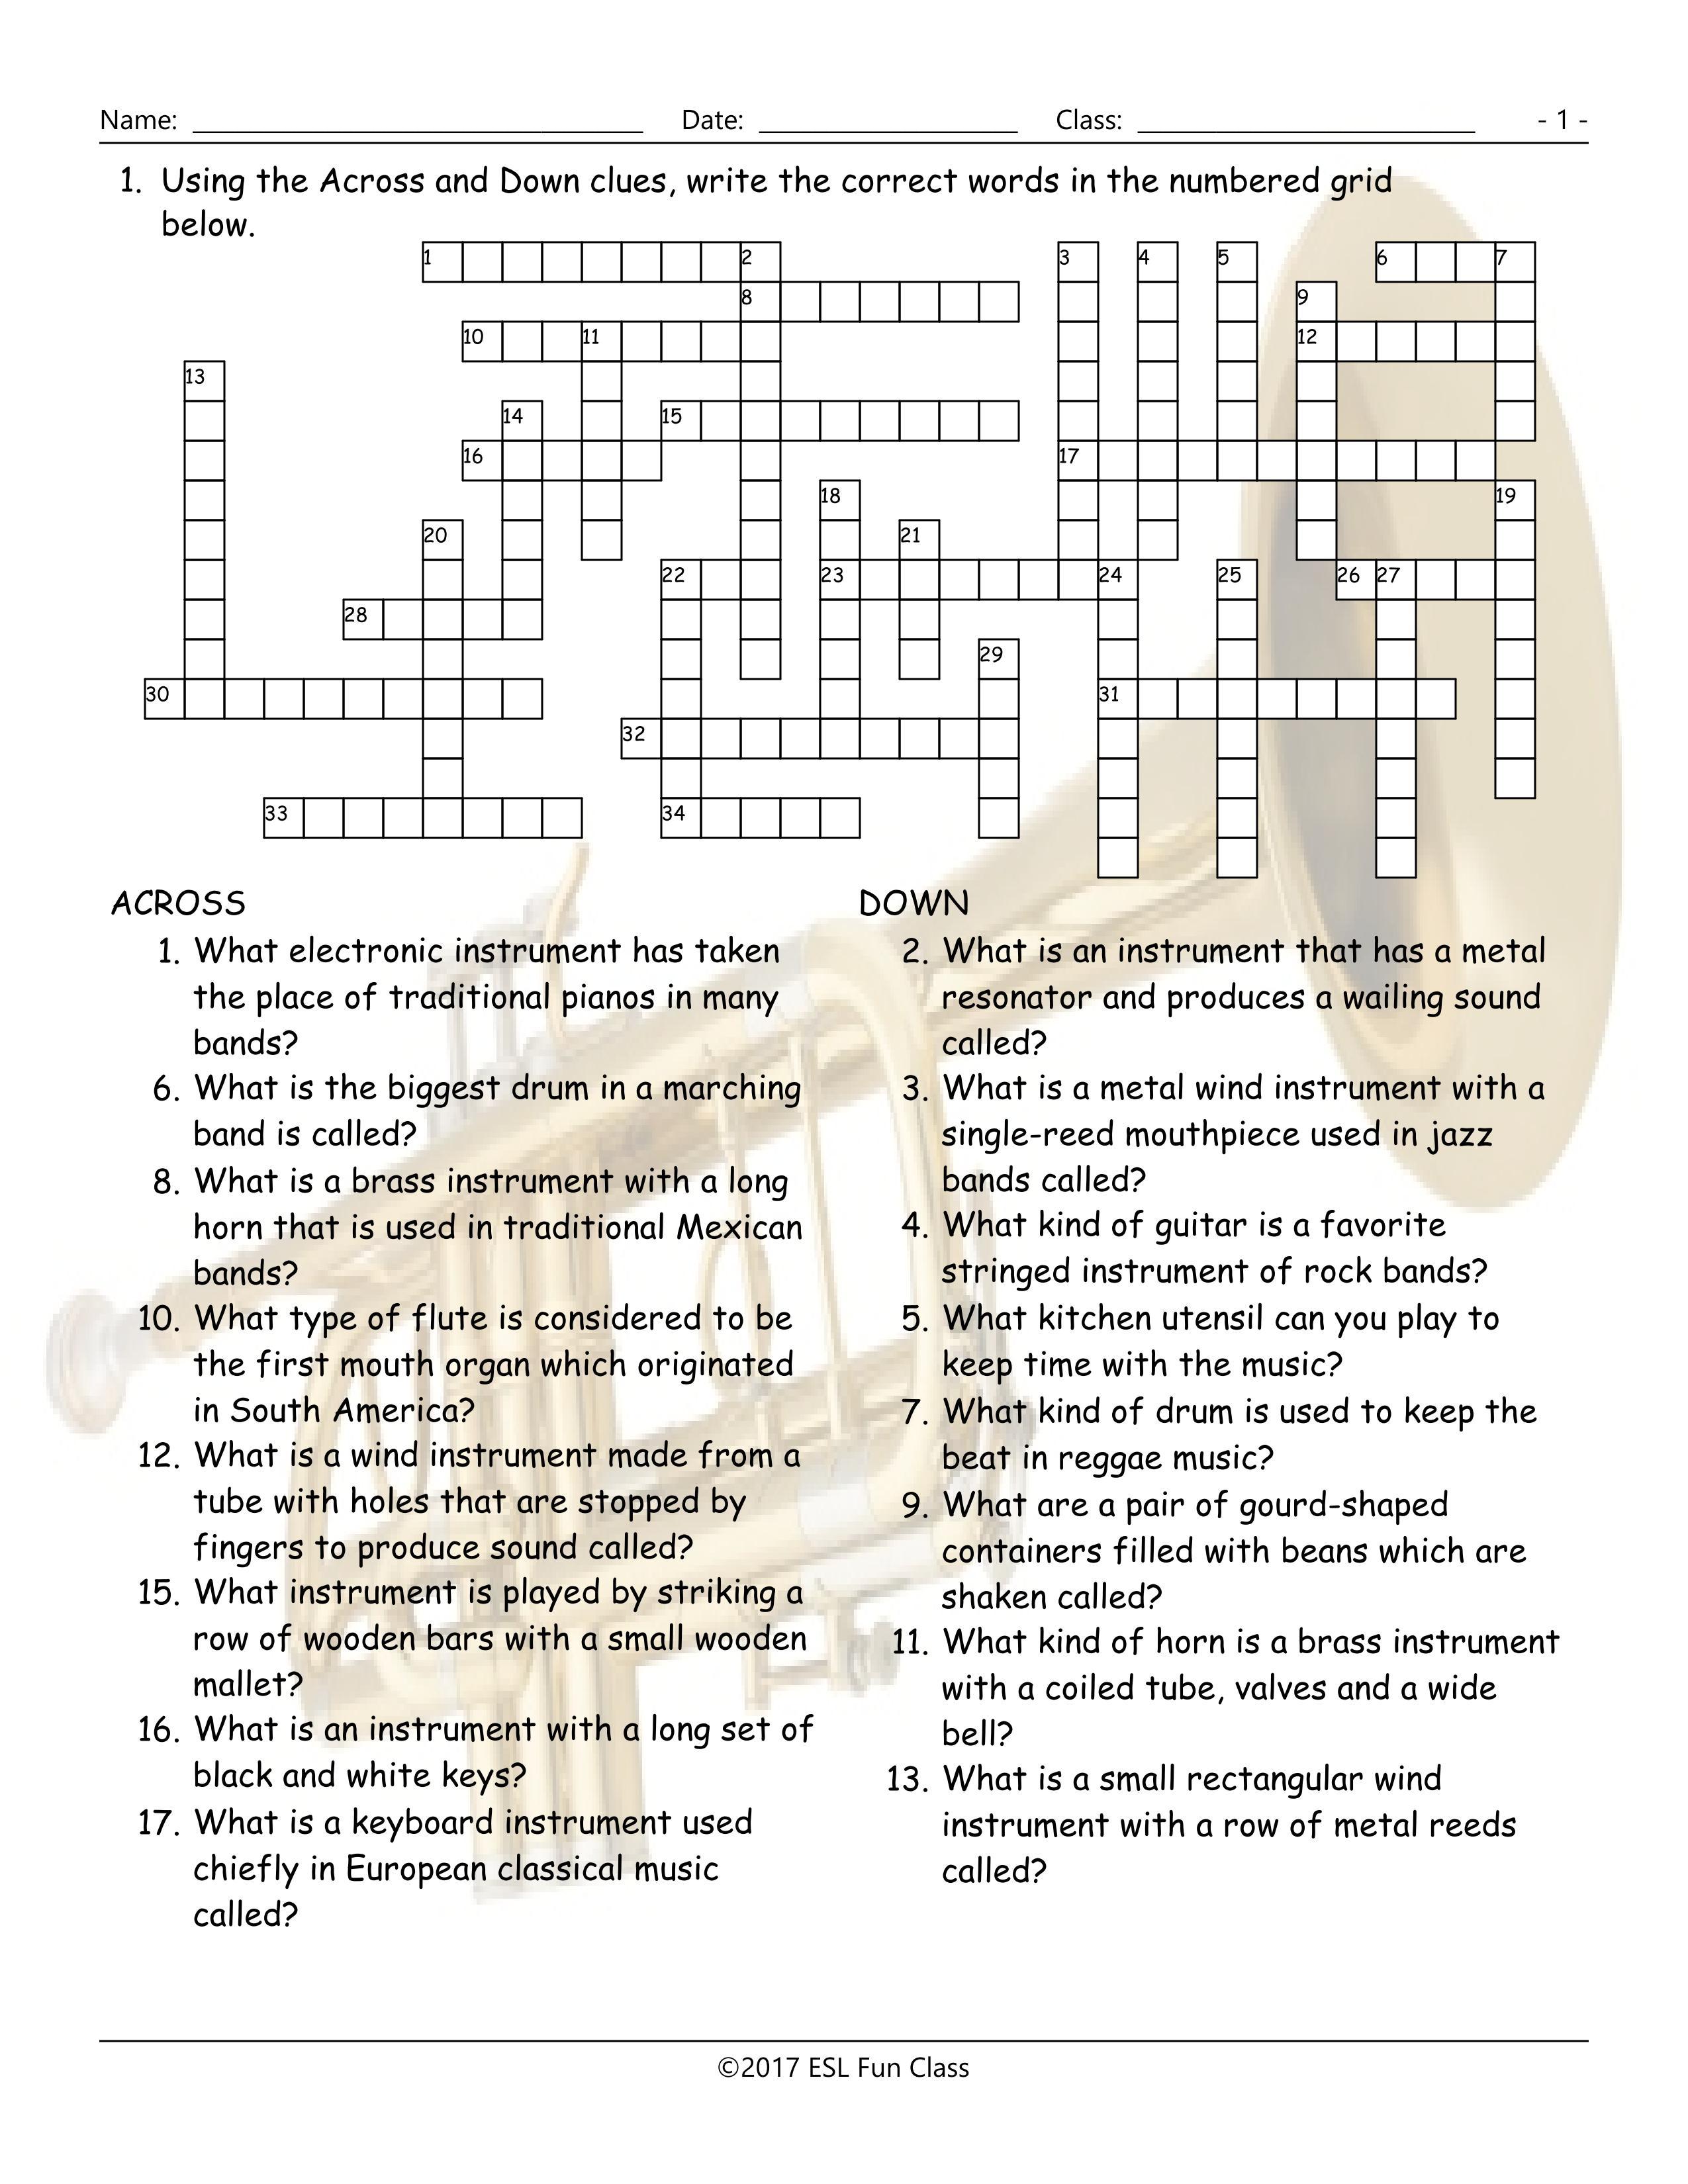 Musical Instruments Crossword Puzzle Worksheet-Esl Fun Games-Have Fun! - Printable Esl Crossword Worksheets